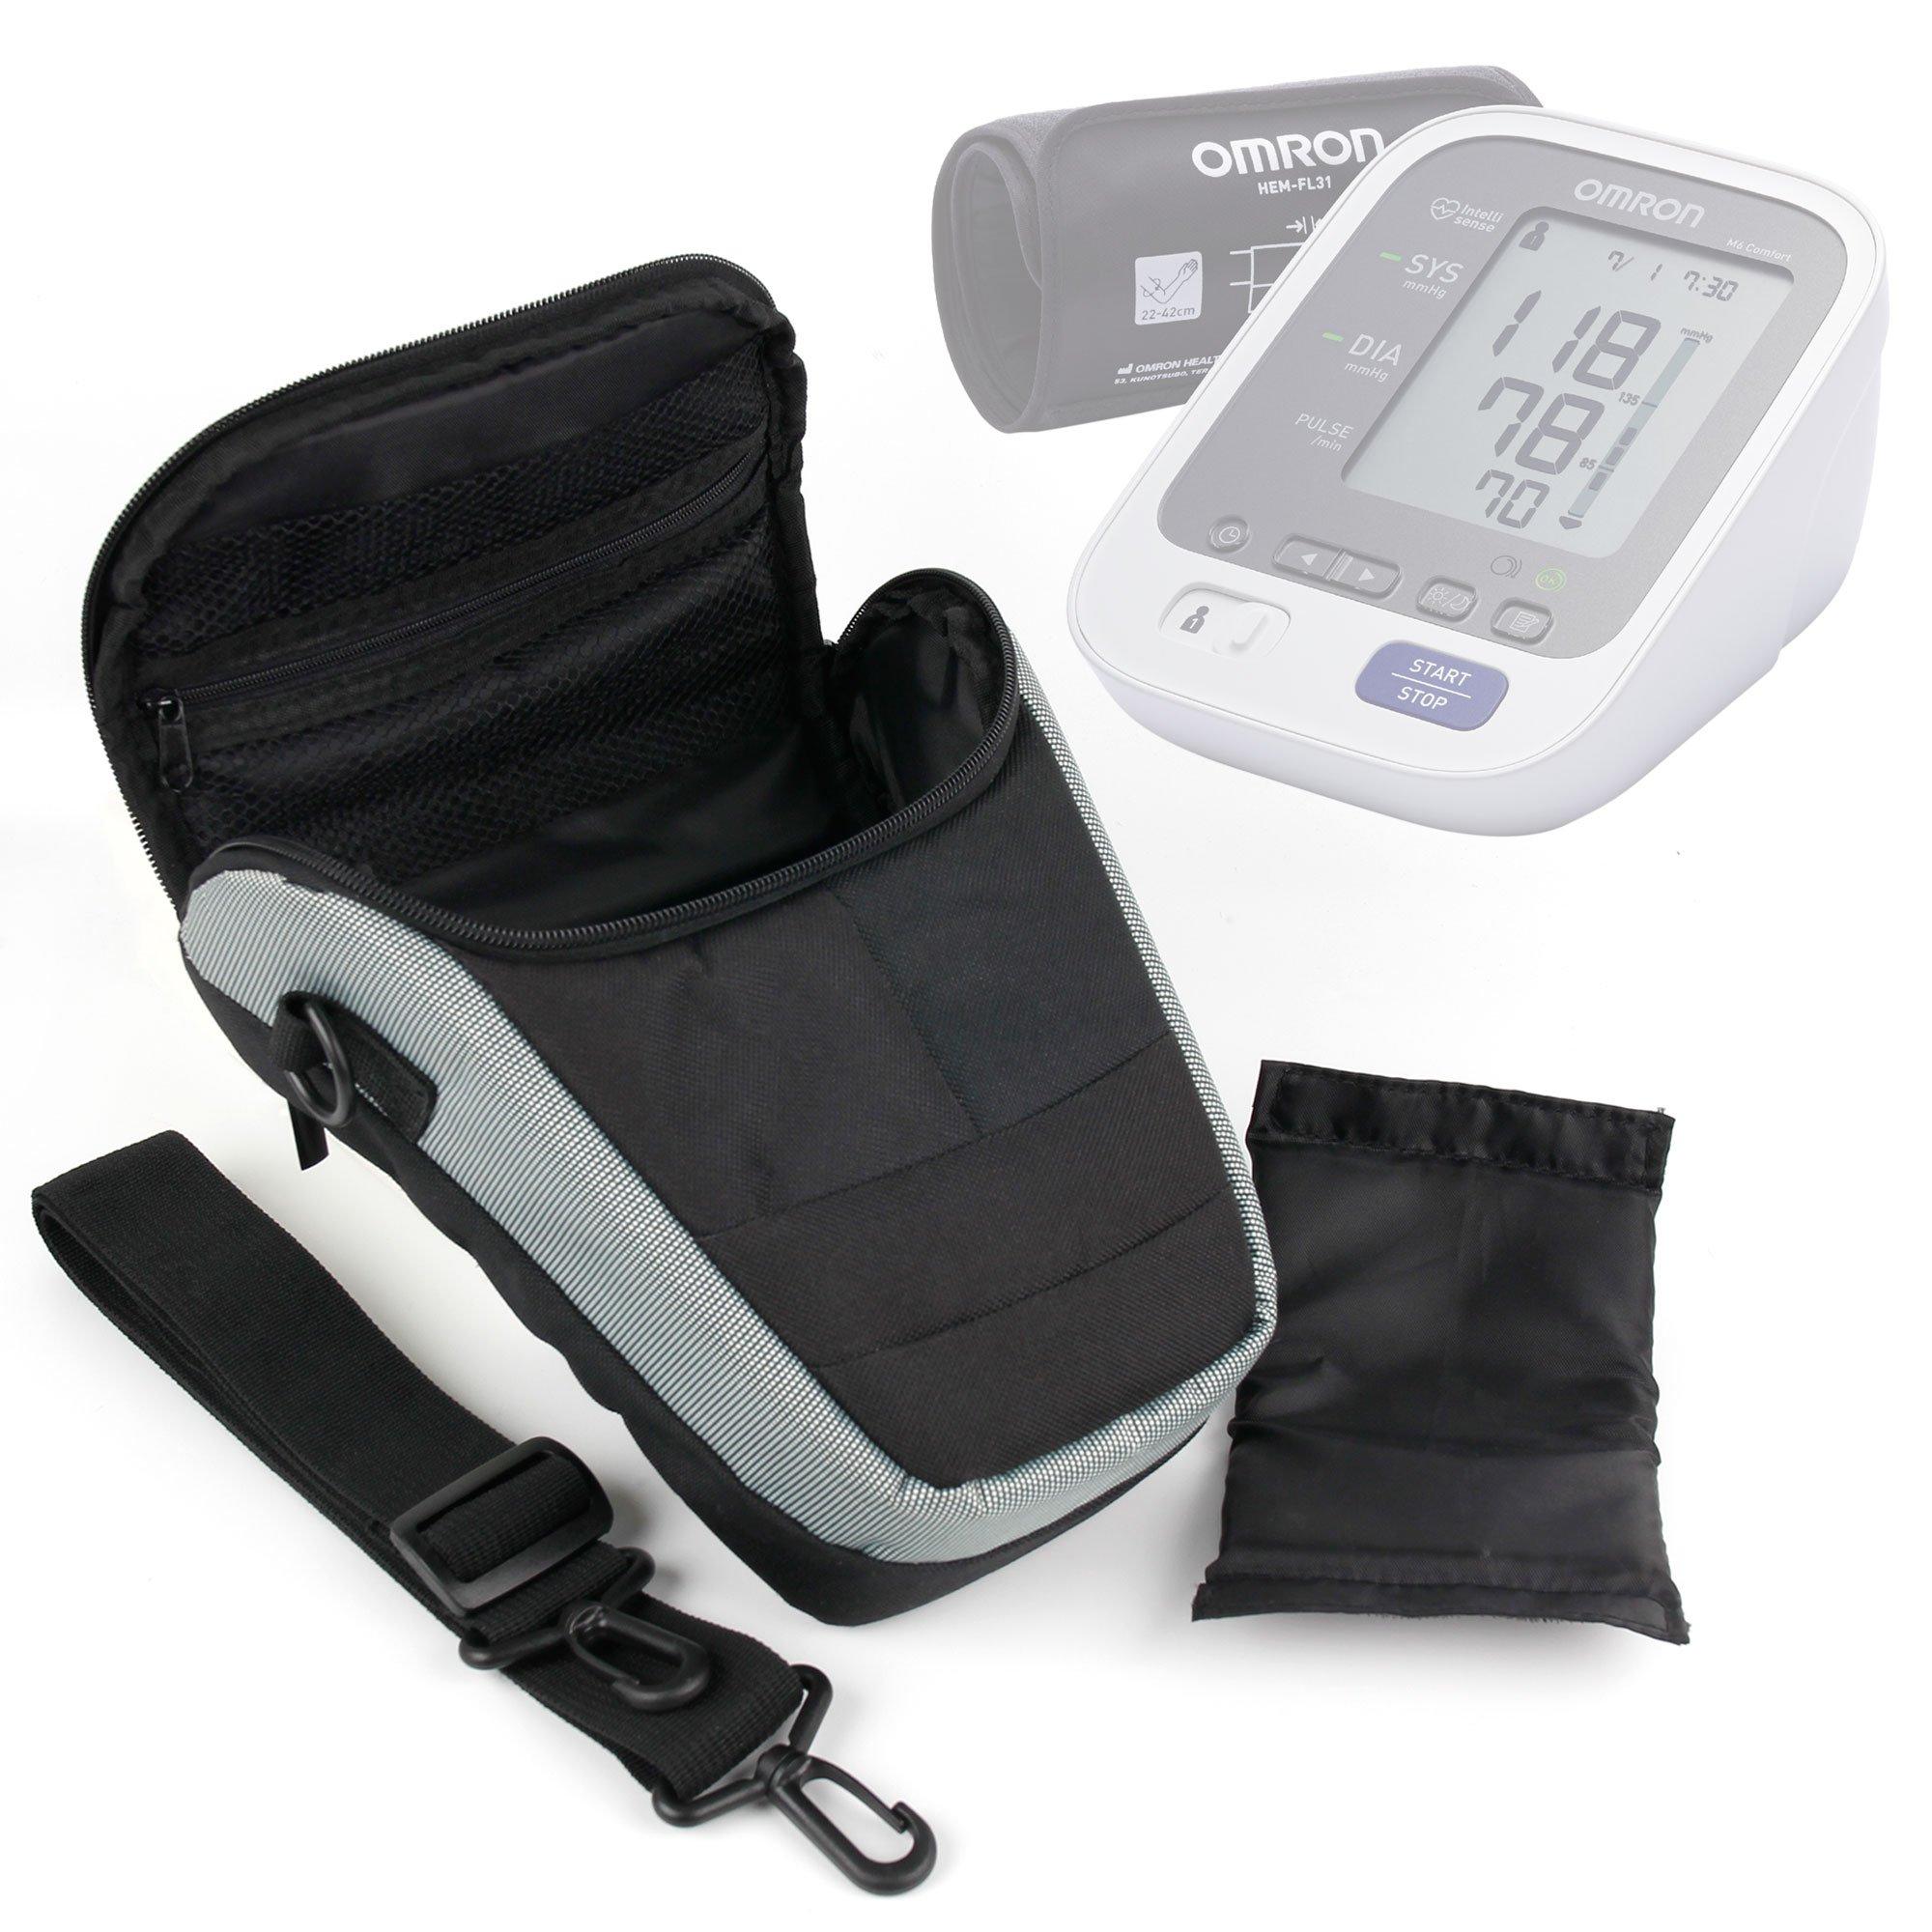 ultra portable carry case with shoulder strap in black. Black Bedroom Furniture Sets. Home Design Ideas